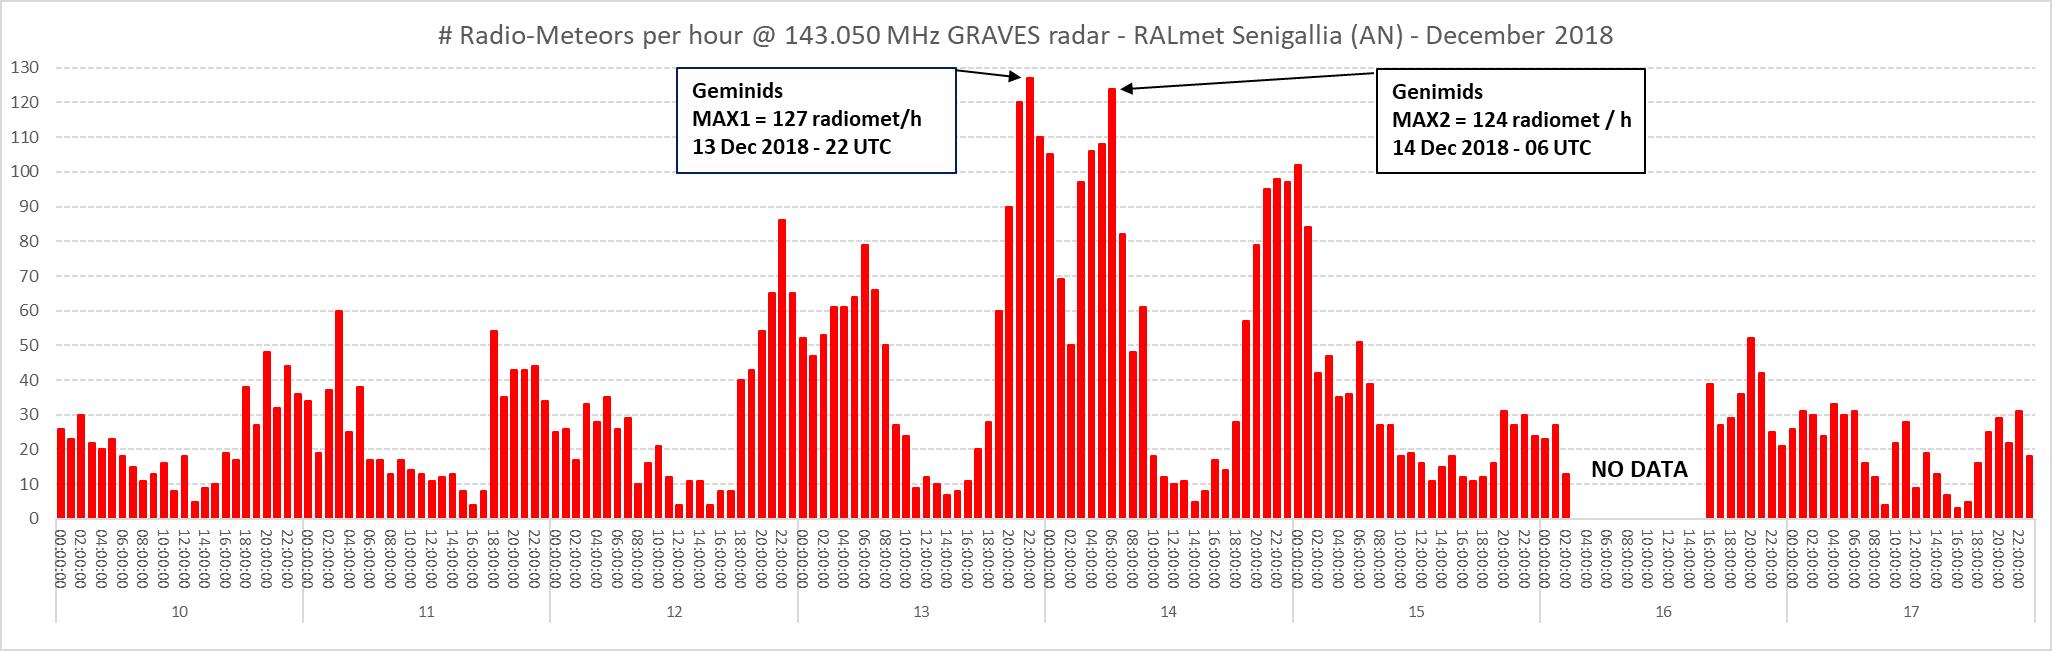 Conteggio orario dei radio-echi meteorici dal 10 al 17 Dicembre 2018.